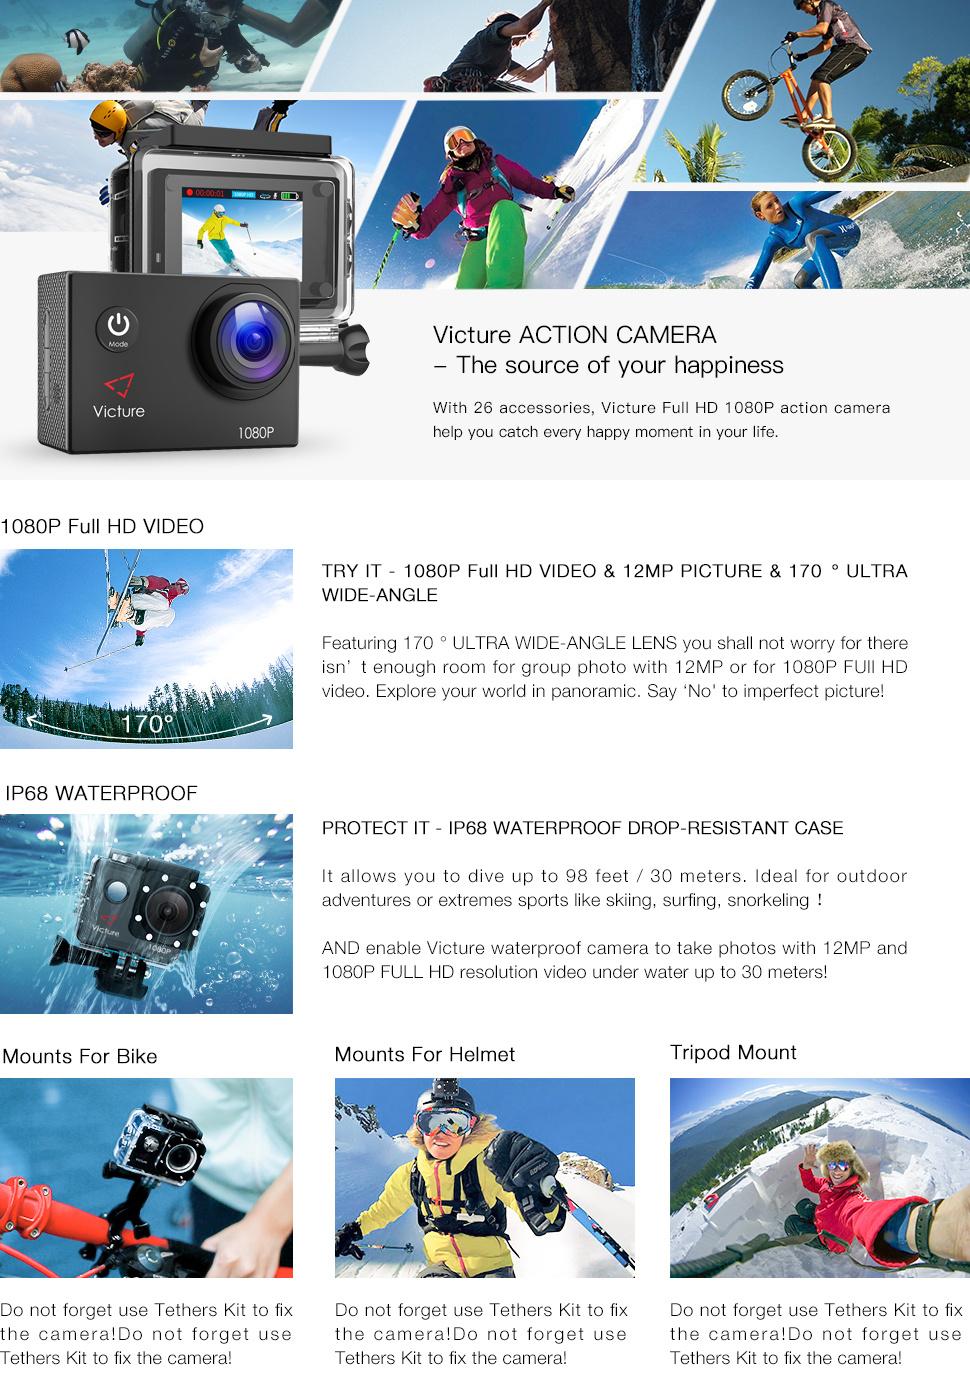 亚马逊电商A+网页设计预览效果图华为原理图绘制图片